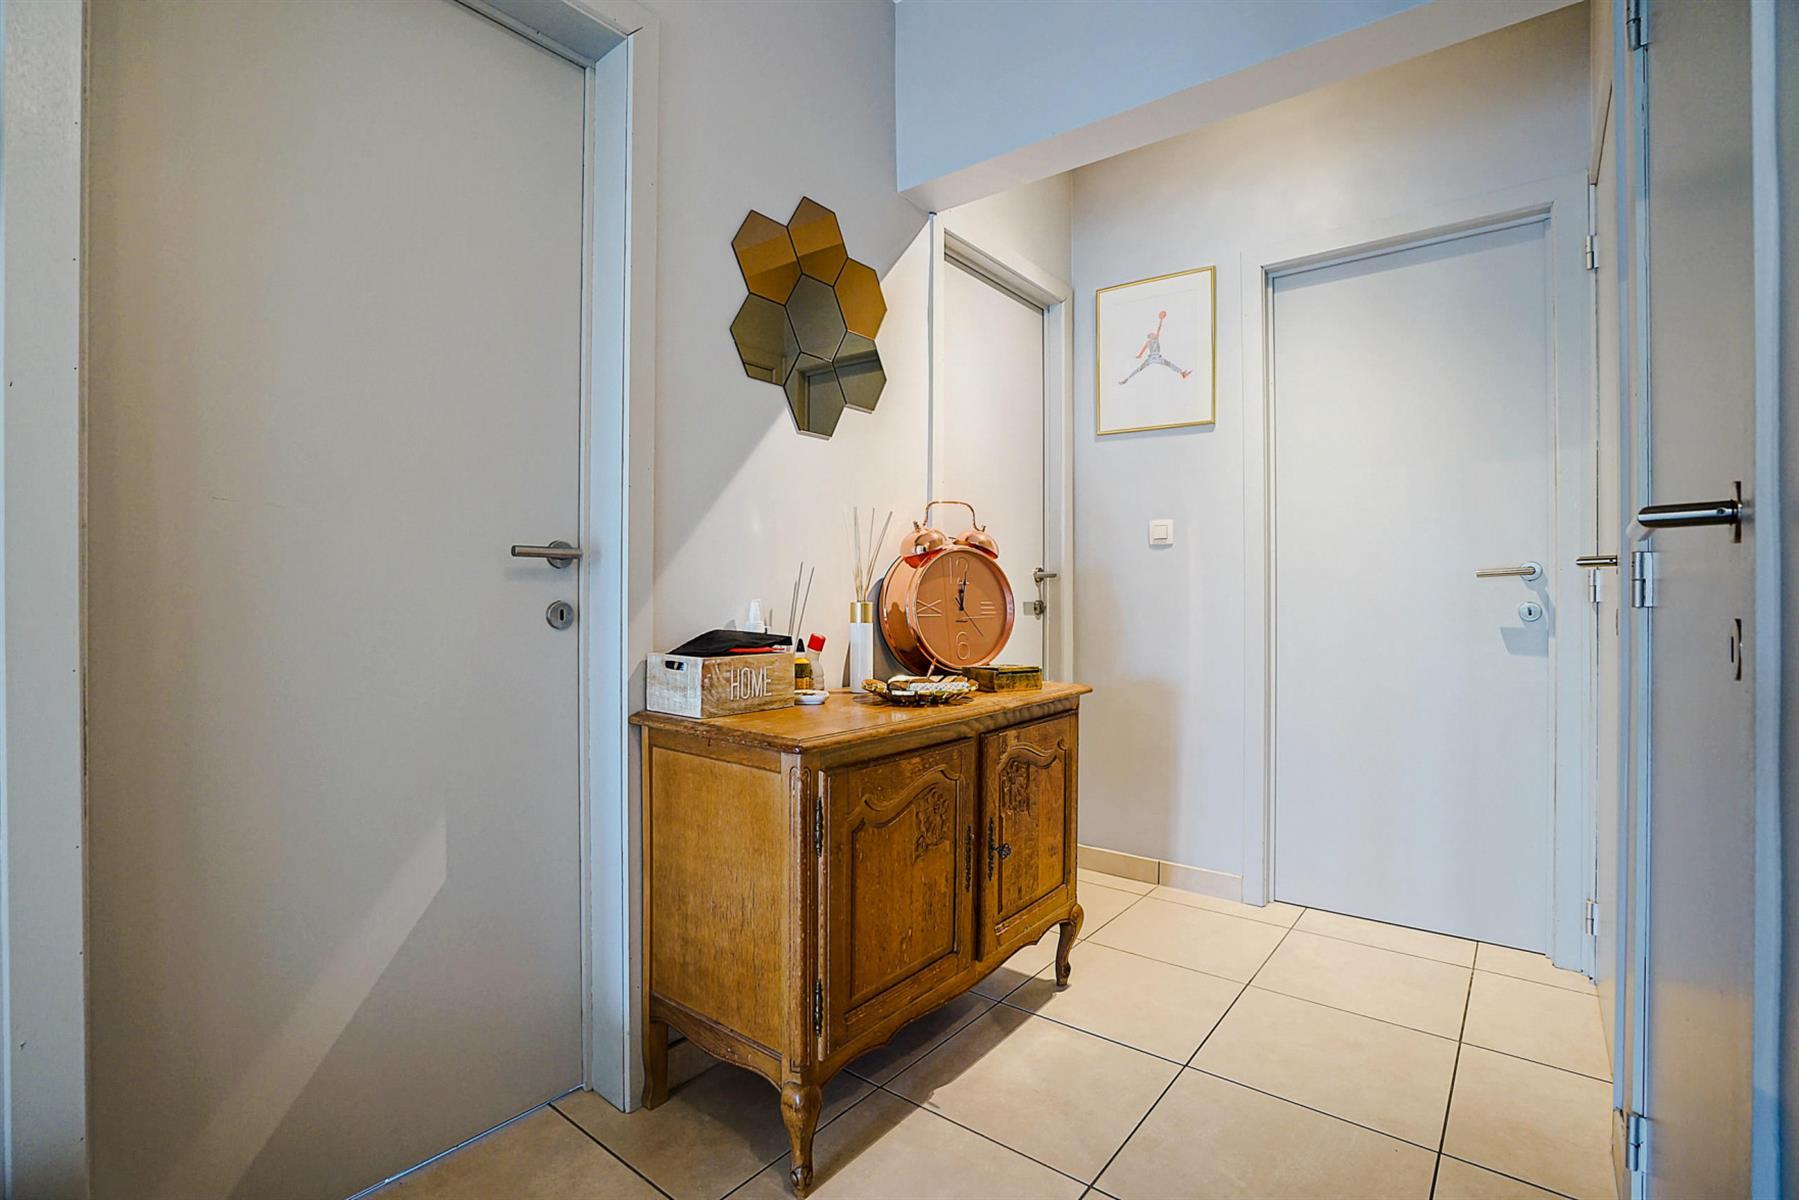 Appartement - Ottignies-louvain-la-neuve - #4505964-5